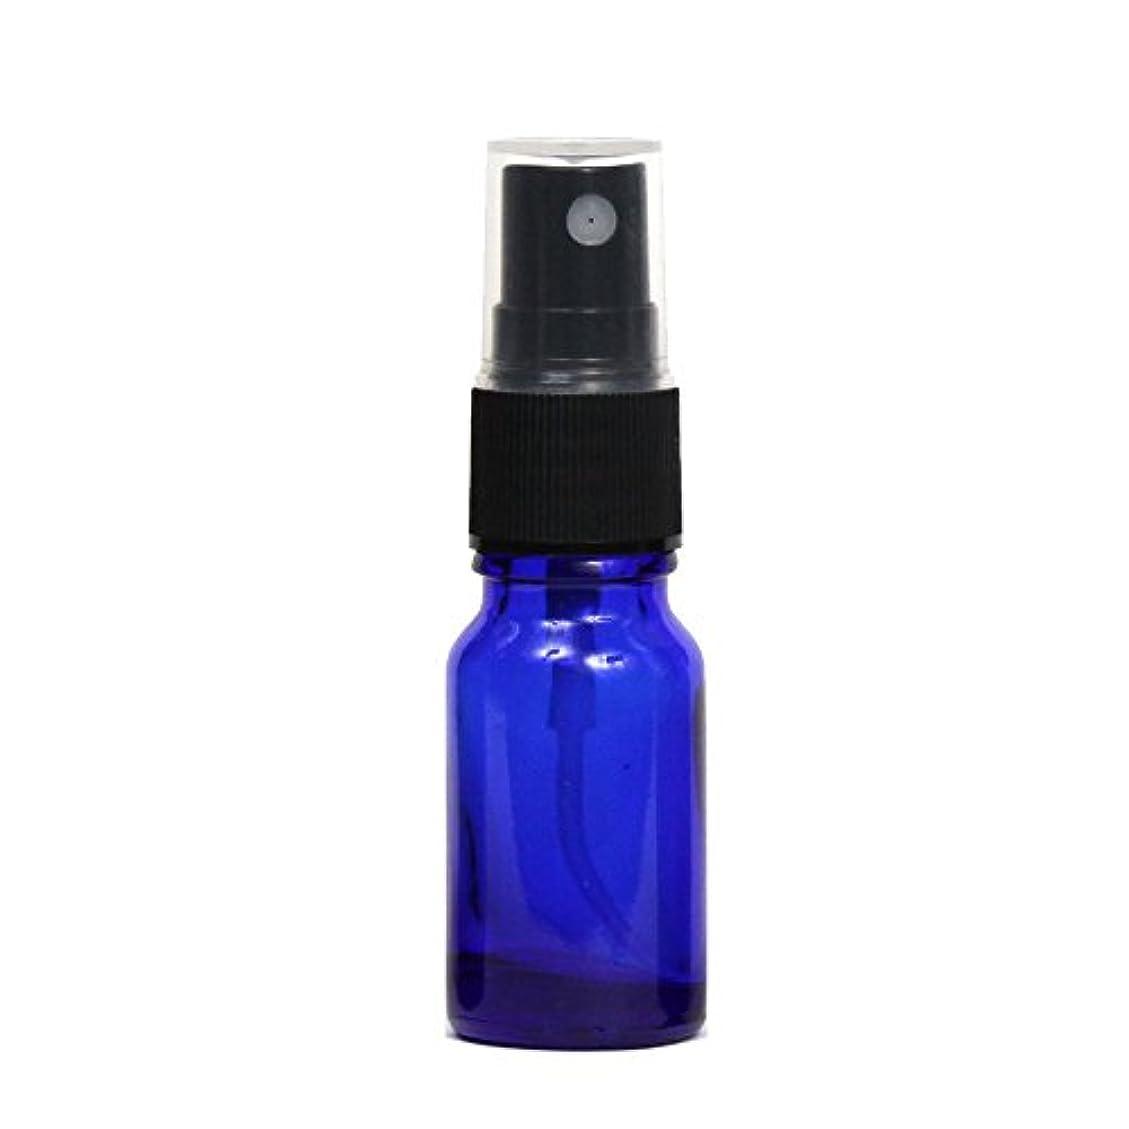 スプレーボトル ガラス瓶 10mL 遮光性ブルー ガラスアトマイザー 空容器